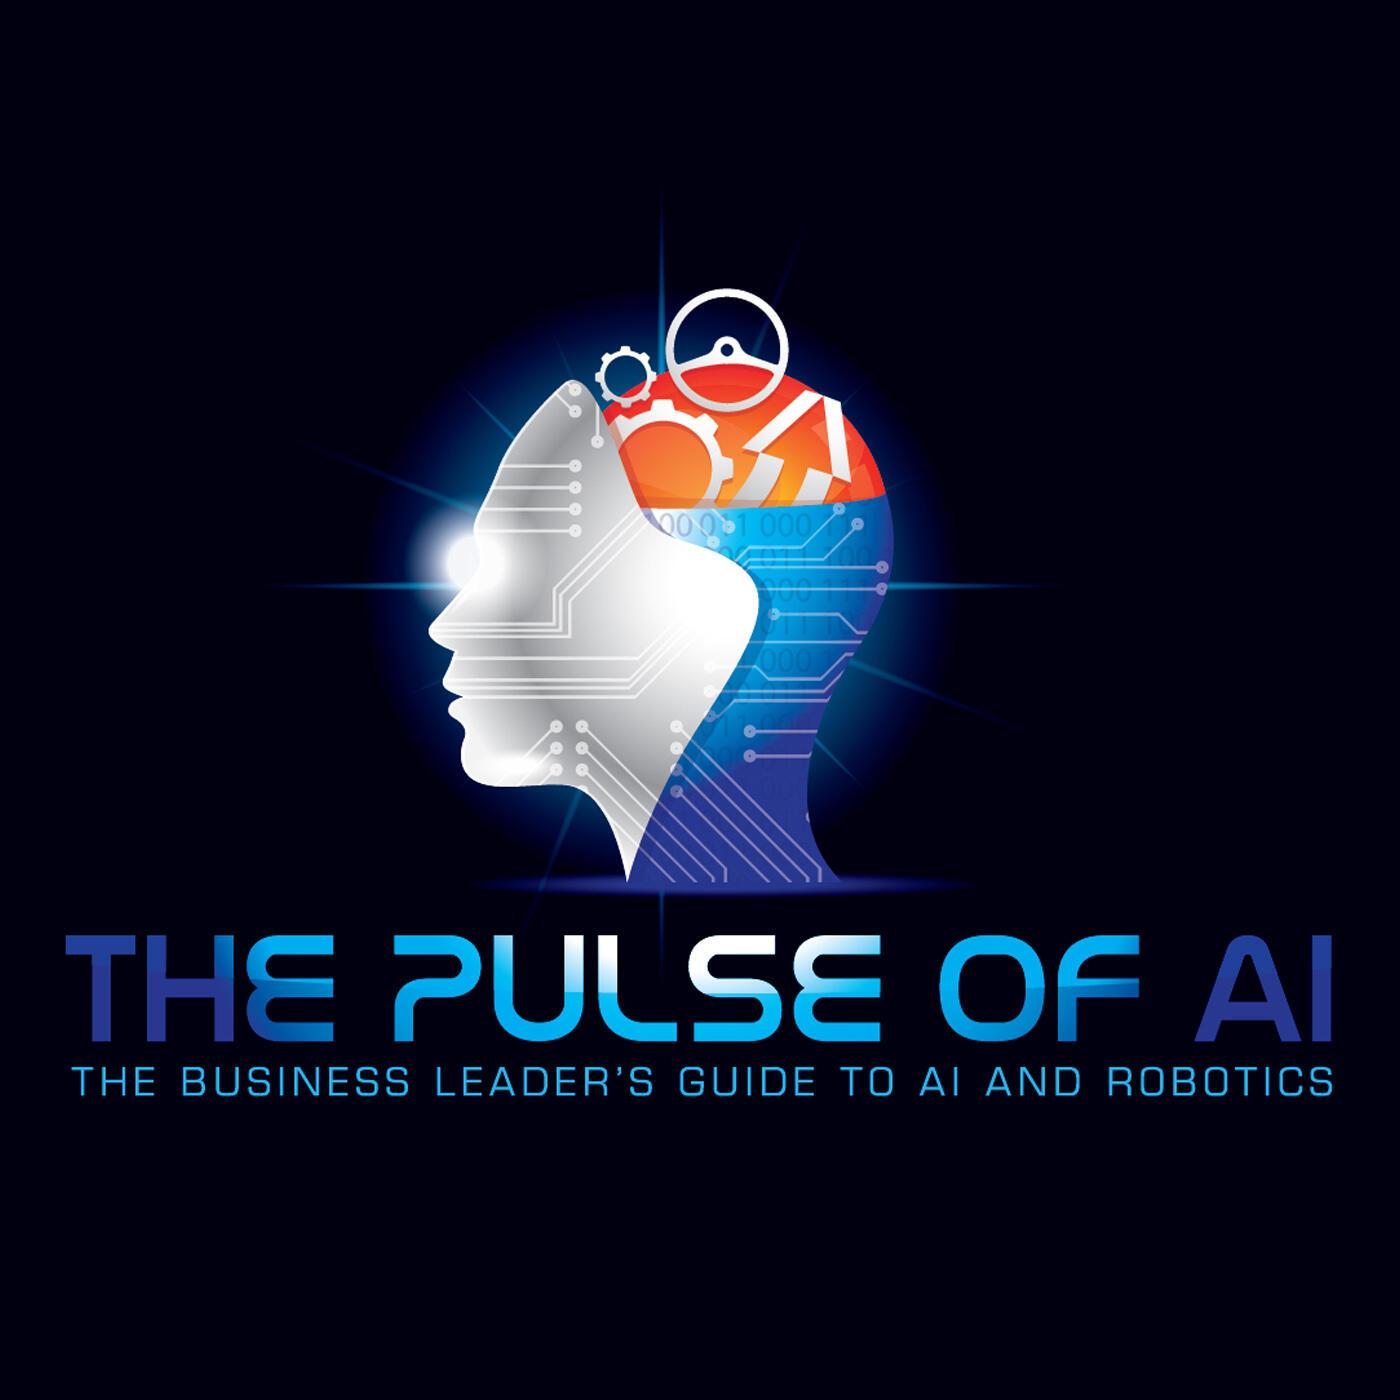 The Pulse of AI